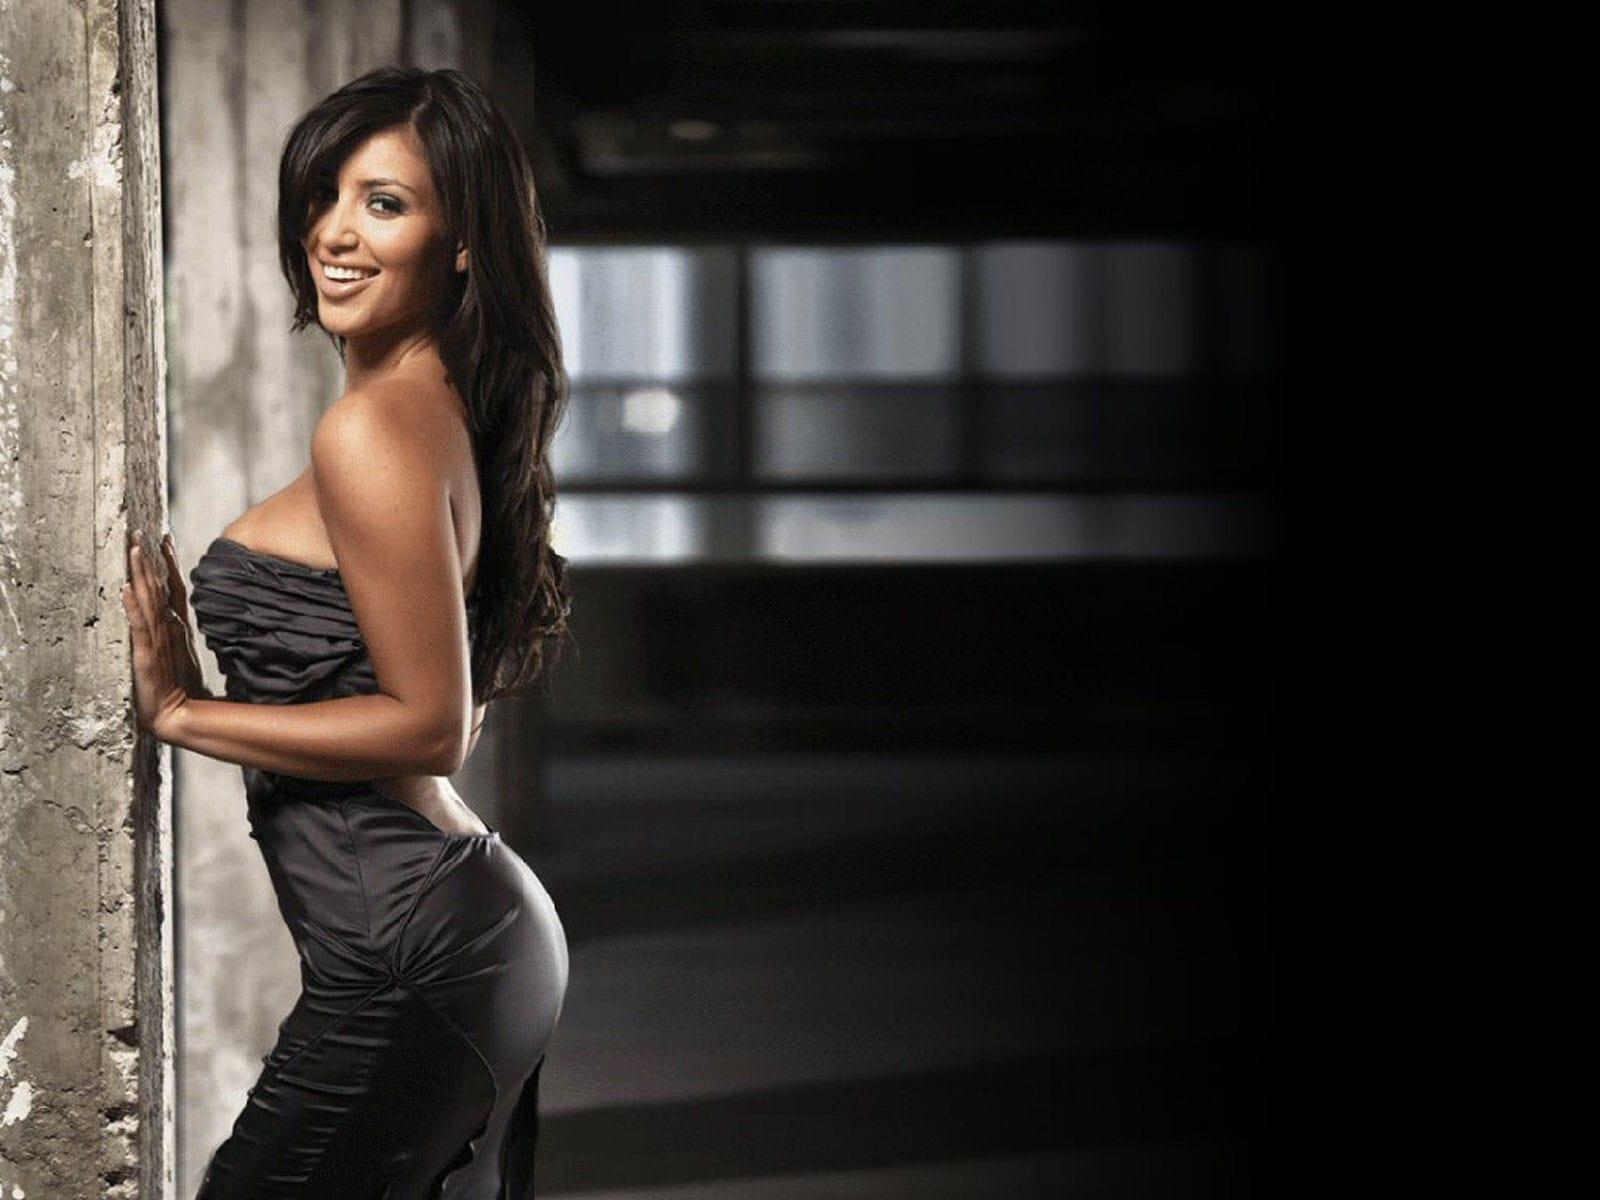 Kim Kardashian HD pictures